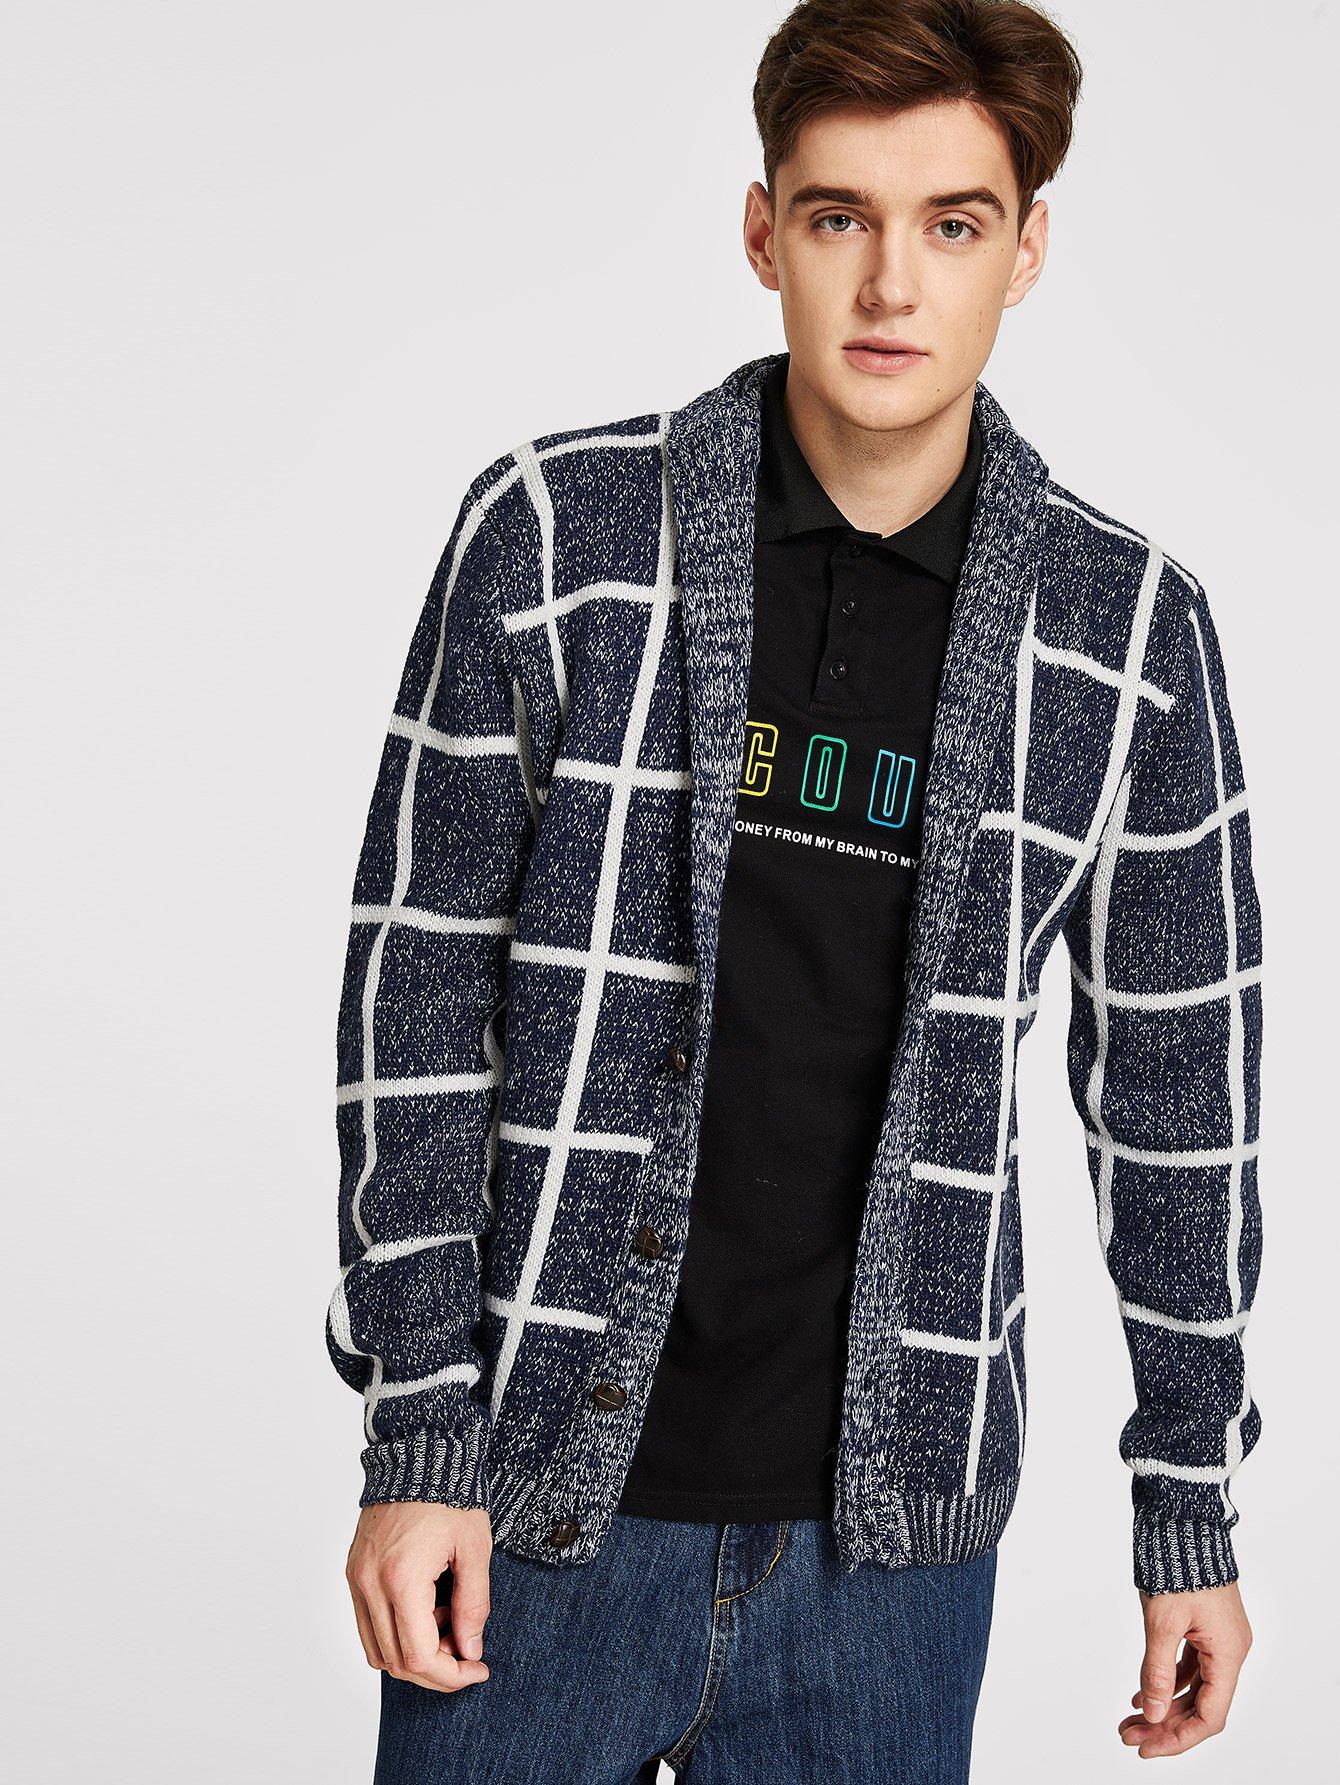 Купить Мужское пальто-фуфайки в клетку, Jan, SheIn